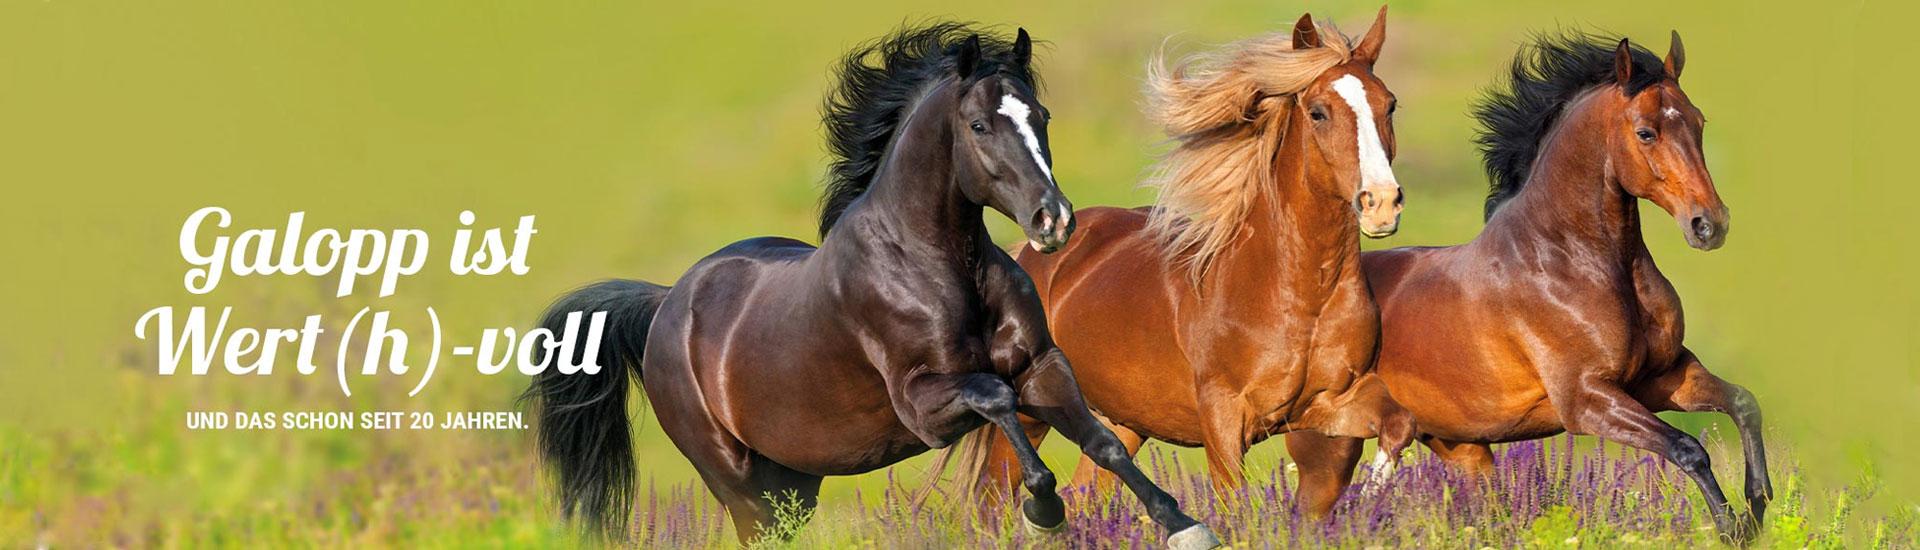 Galopp Pferdefutter ShGalopp ist Wert(h)-vollop